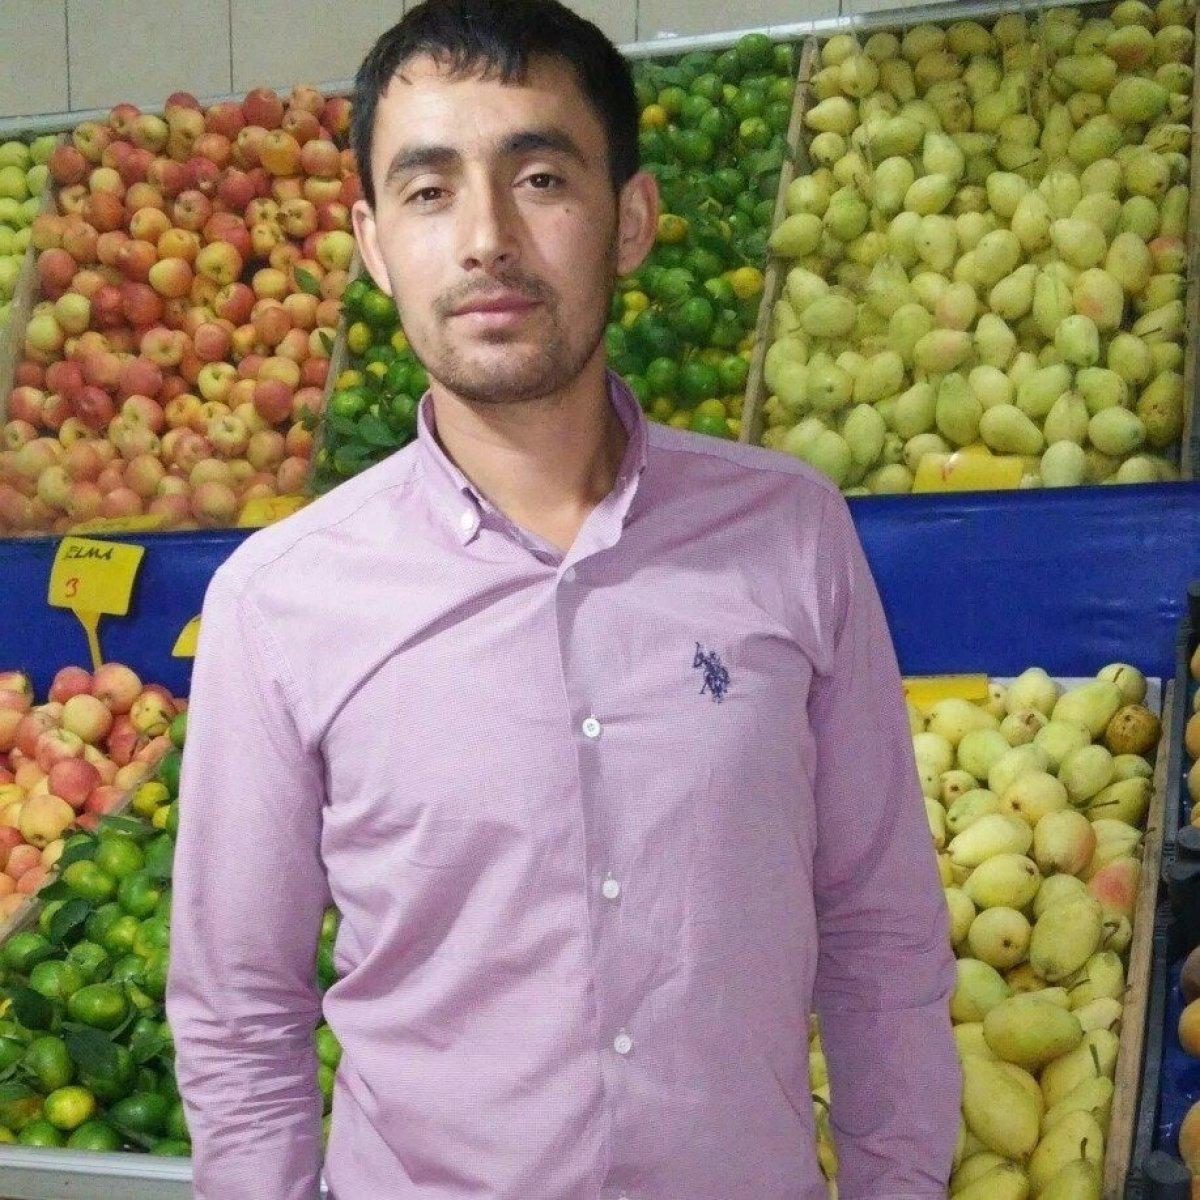 Konya da market sahibinin öldürülmesi güvenlik kamerasında #3